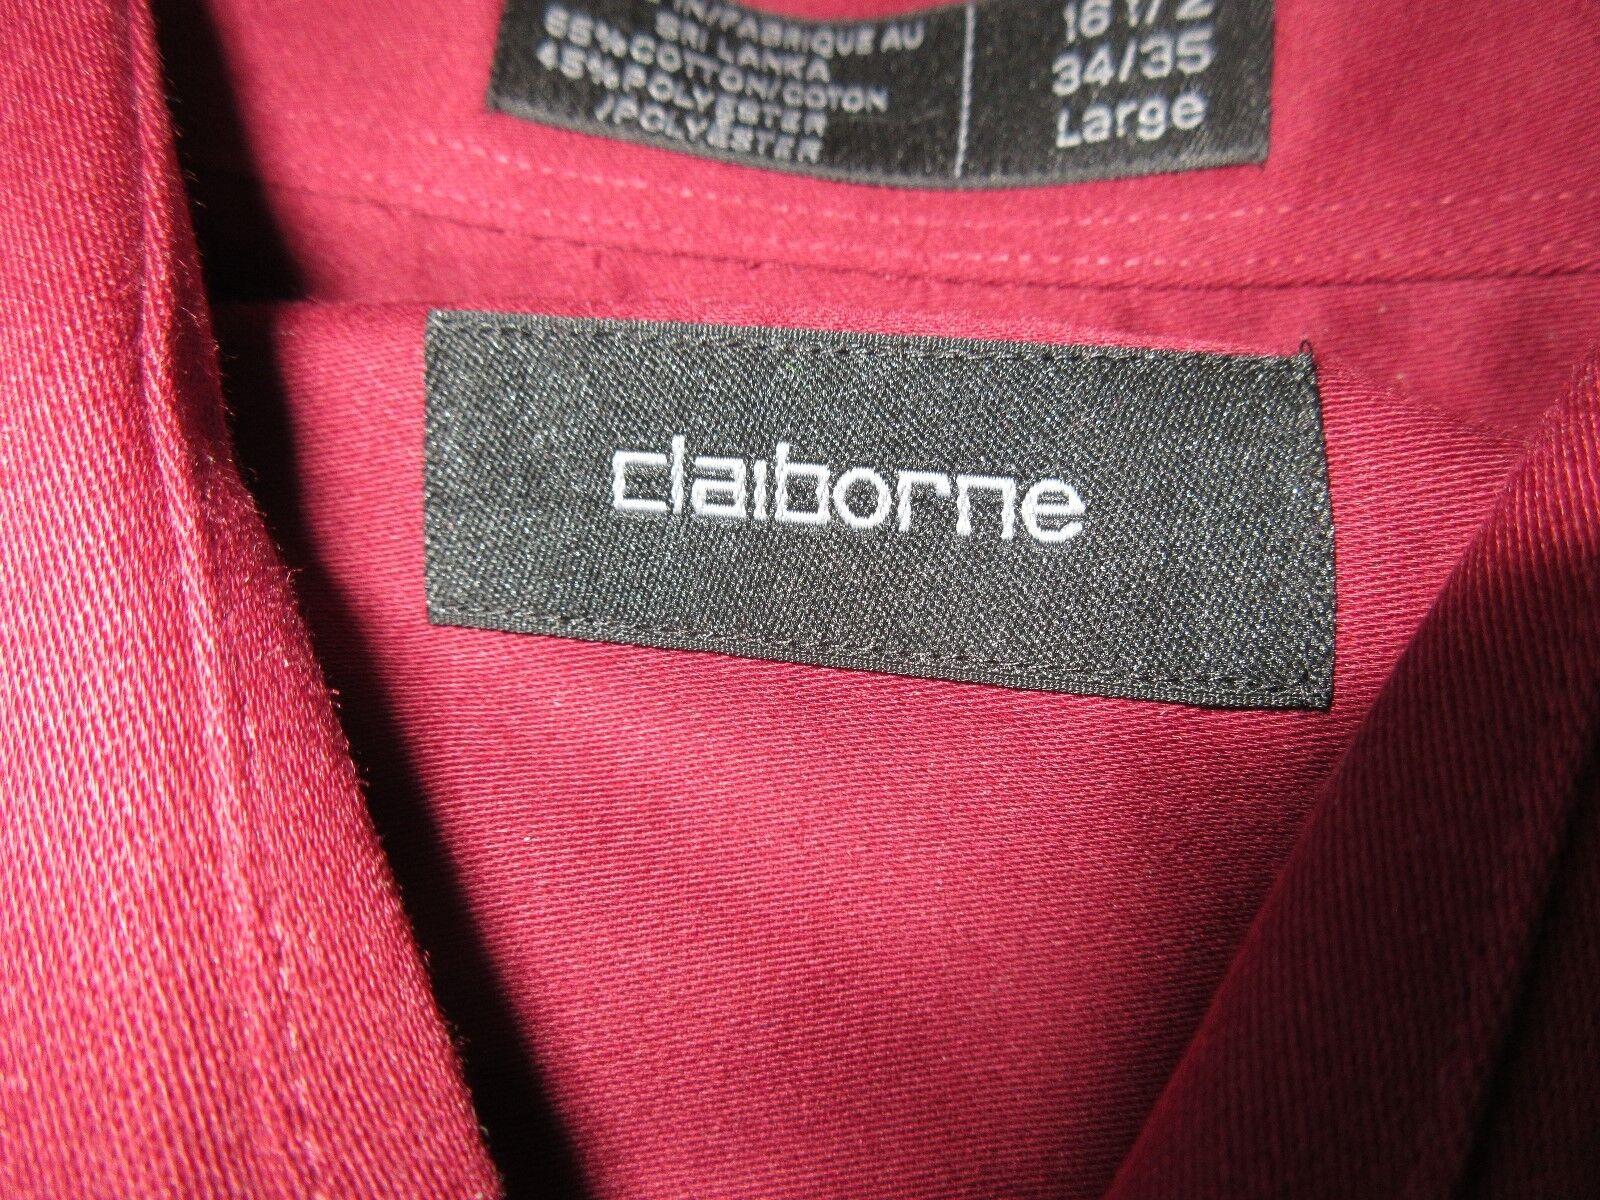 Claiborne , Size Large / 16 1/2 / 34/35 , Men's Long Sl